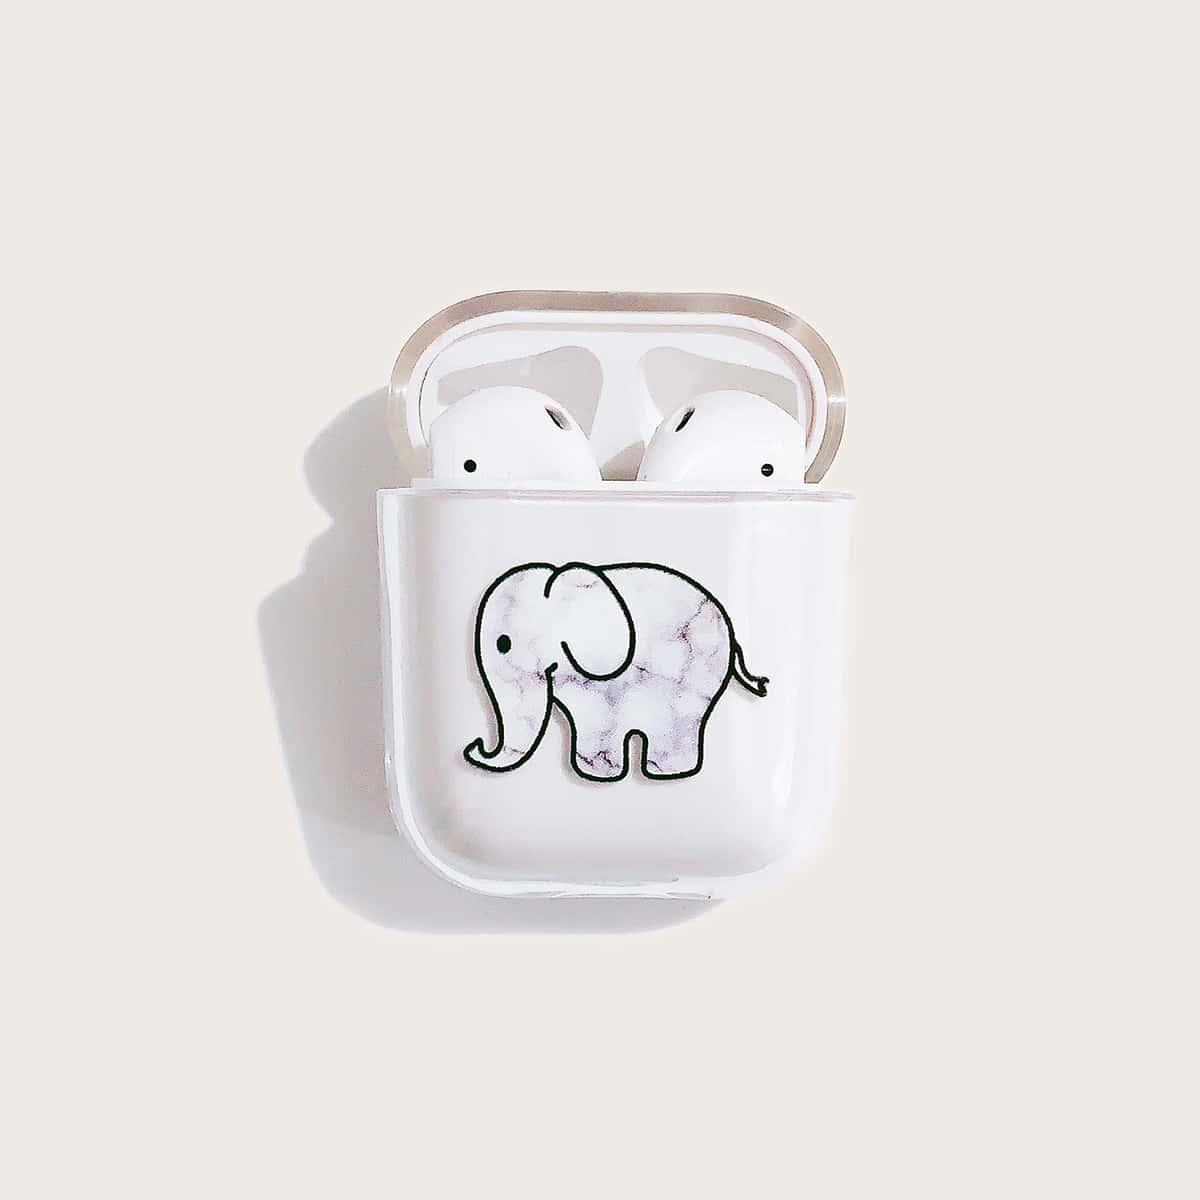 SHEIN / 1 Stück Transparente Airpods Hülle mit Elefant Muster